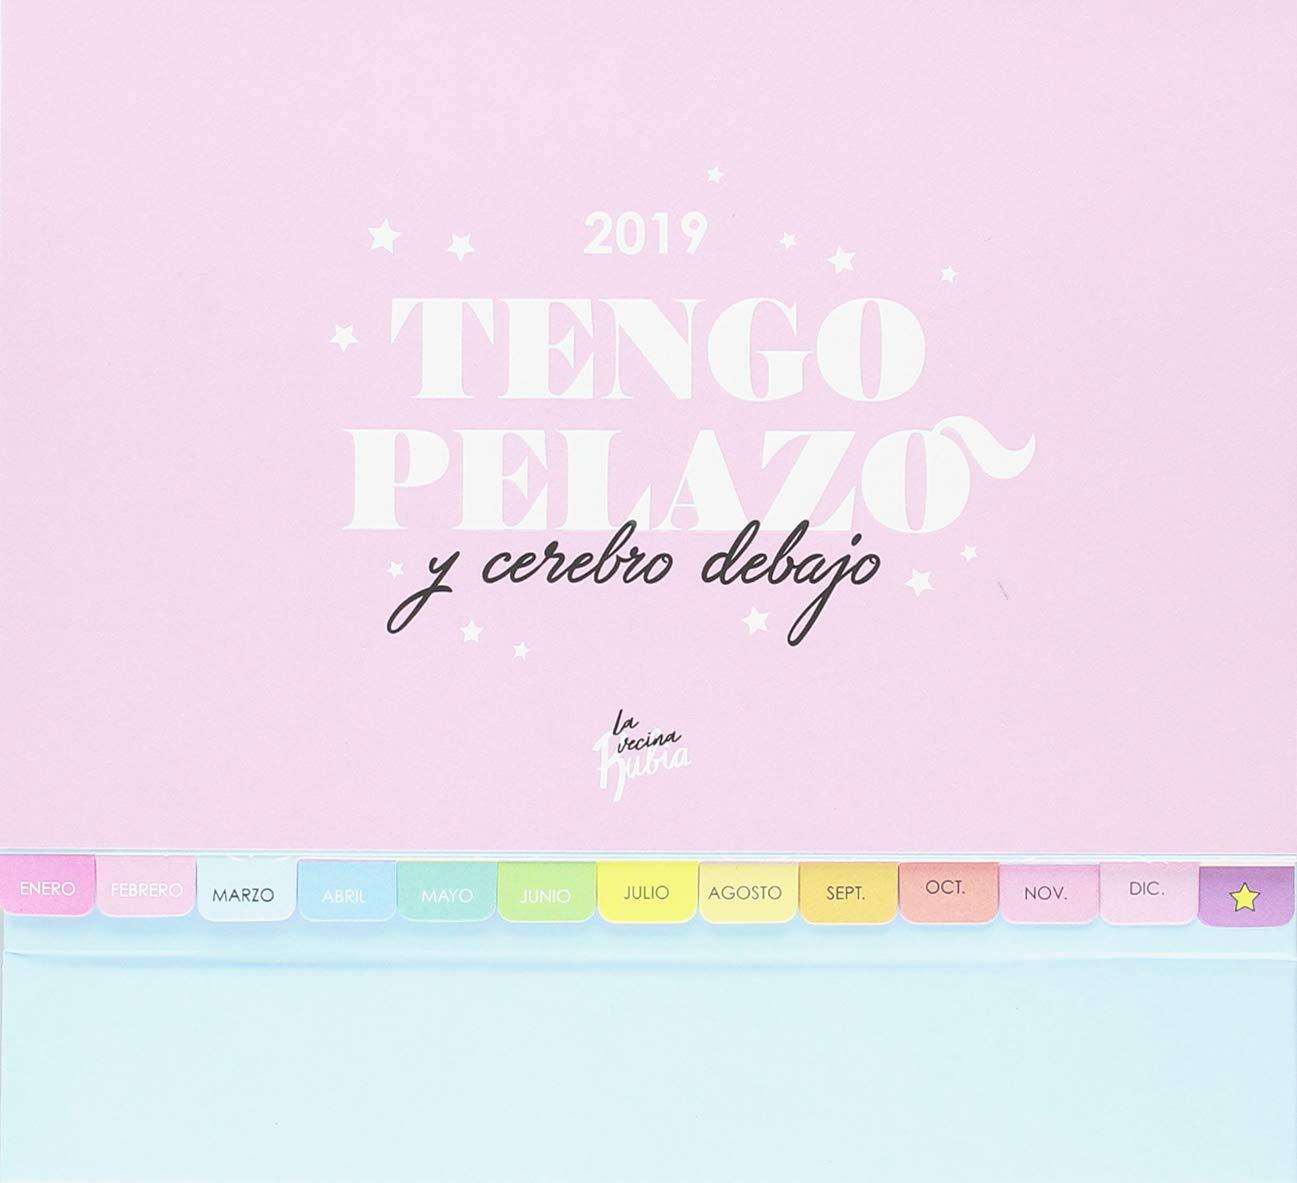 Calendario mesa Vecina Rubia 2019. Tengo pelazo y cerebro ...